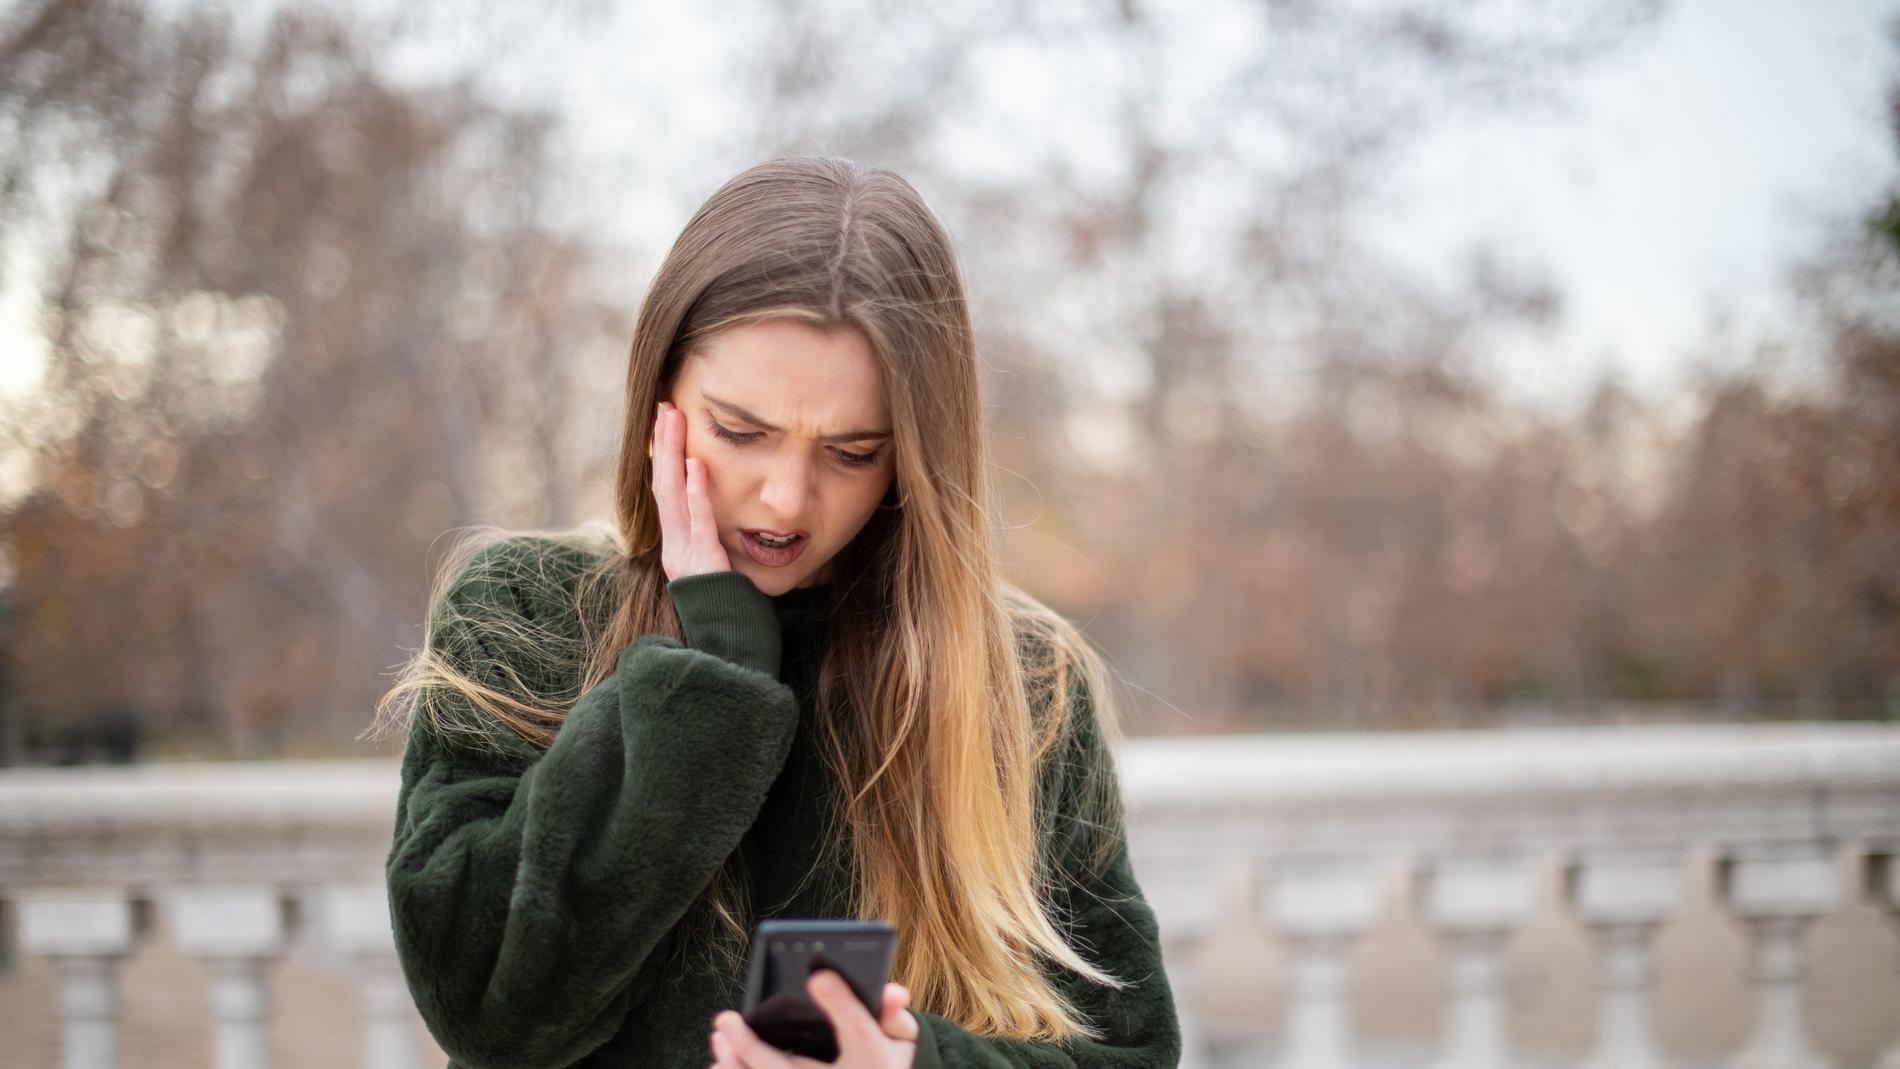 Chica extrañada con lo que lee en su móvil.